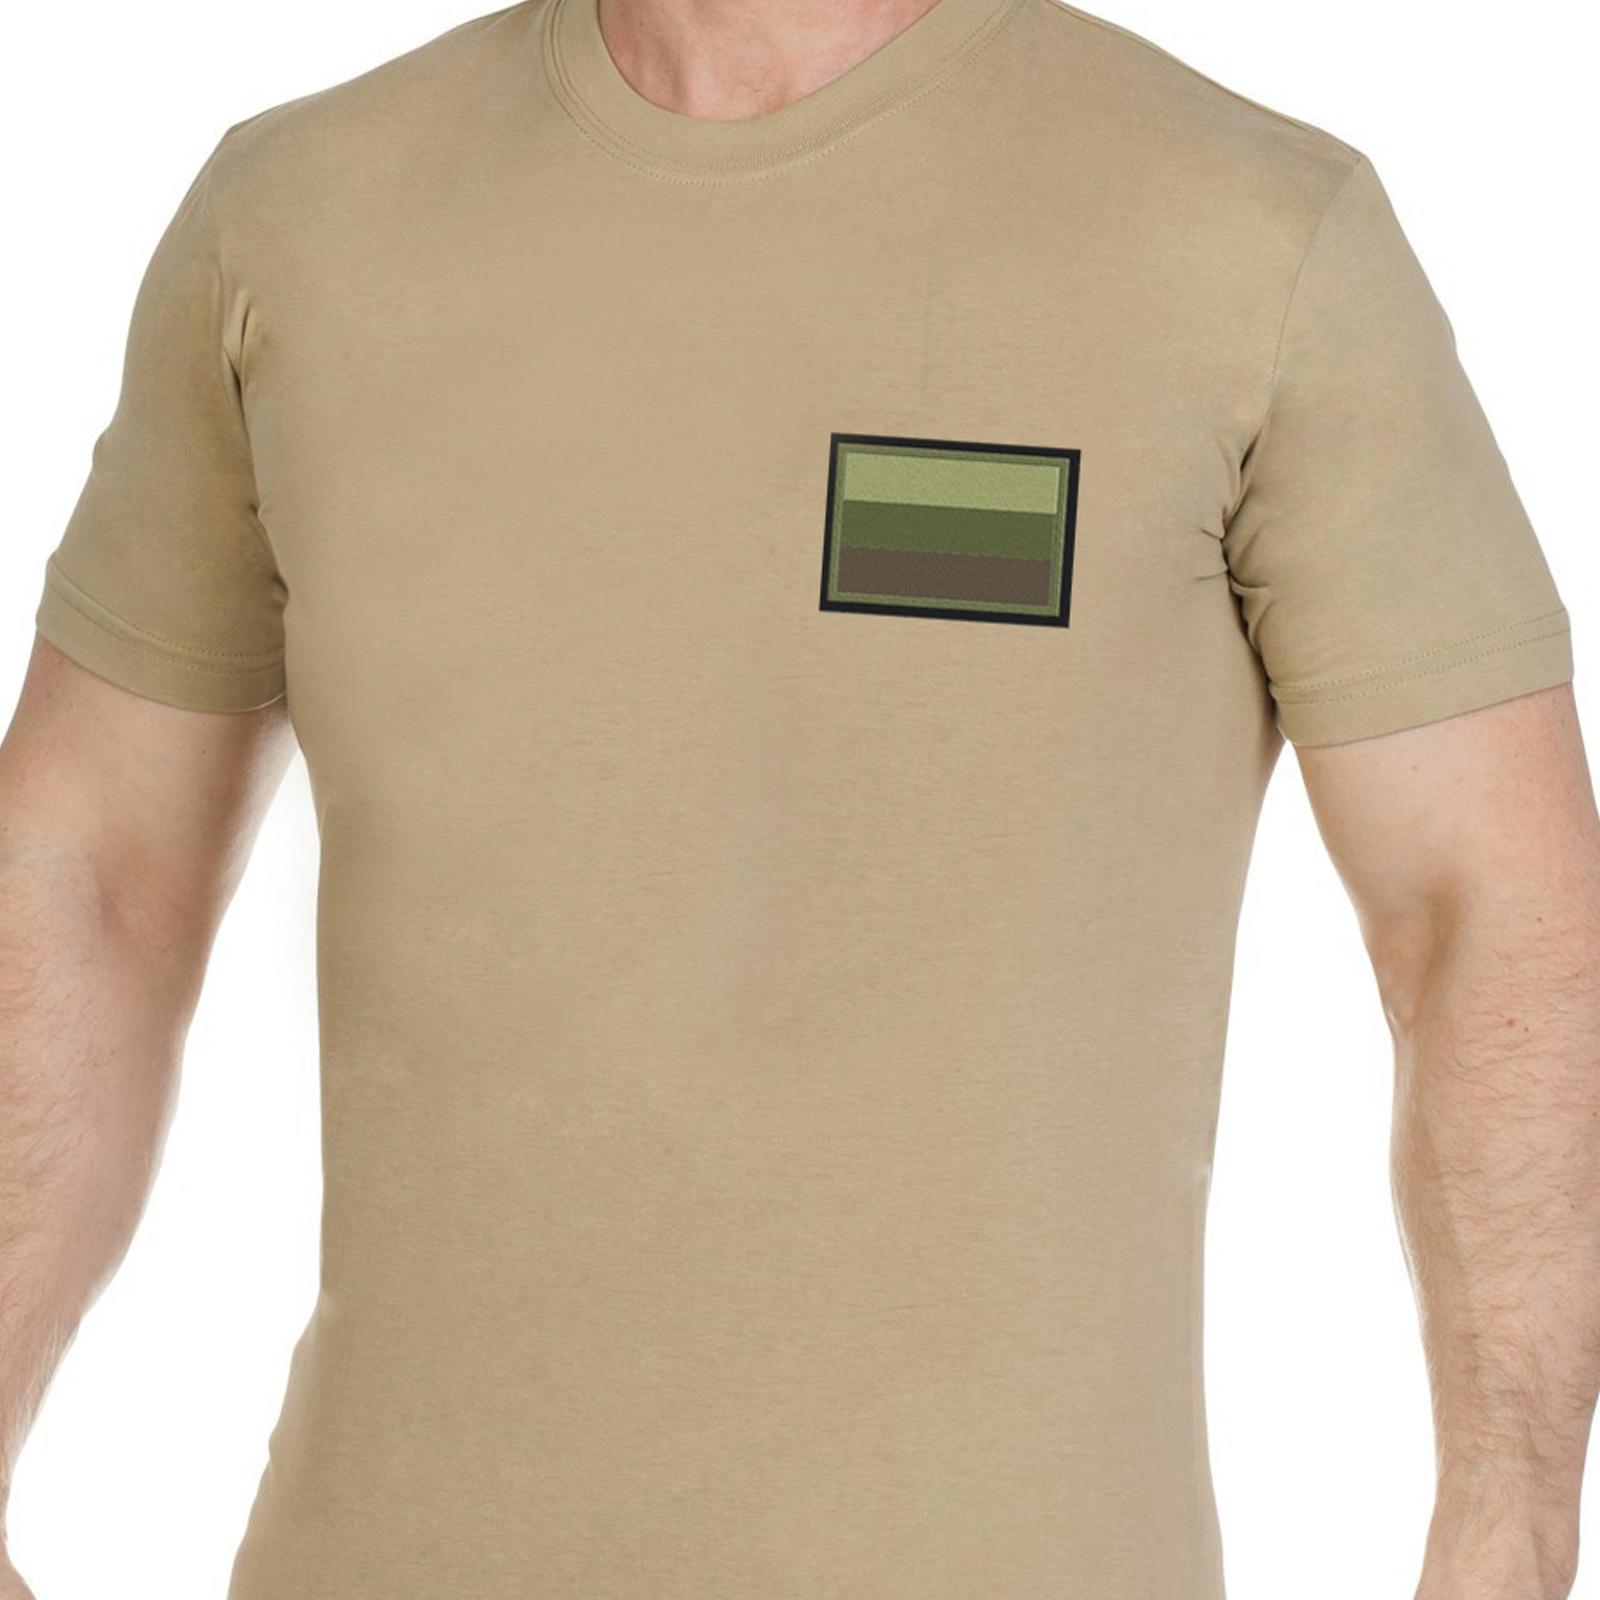 Песочная мужская футболка с вышитым полевым шевроном России